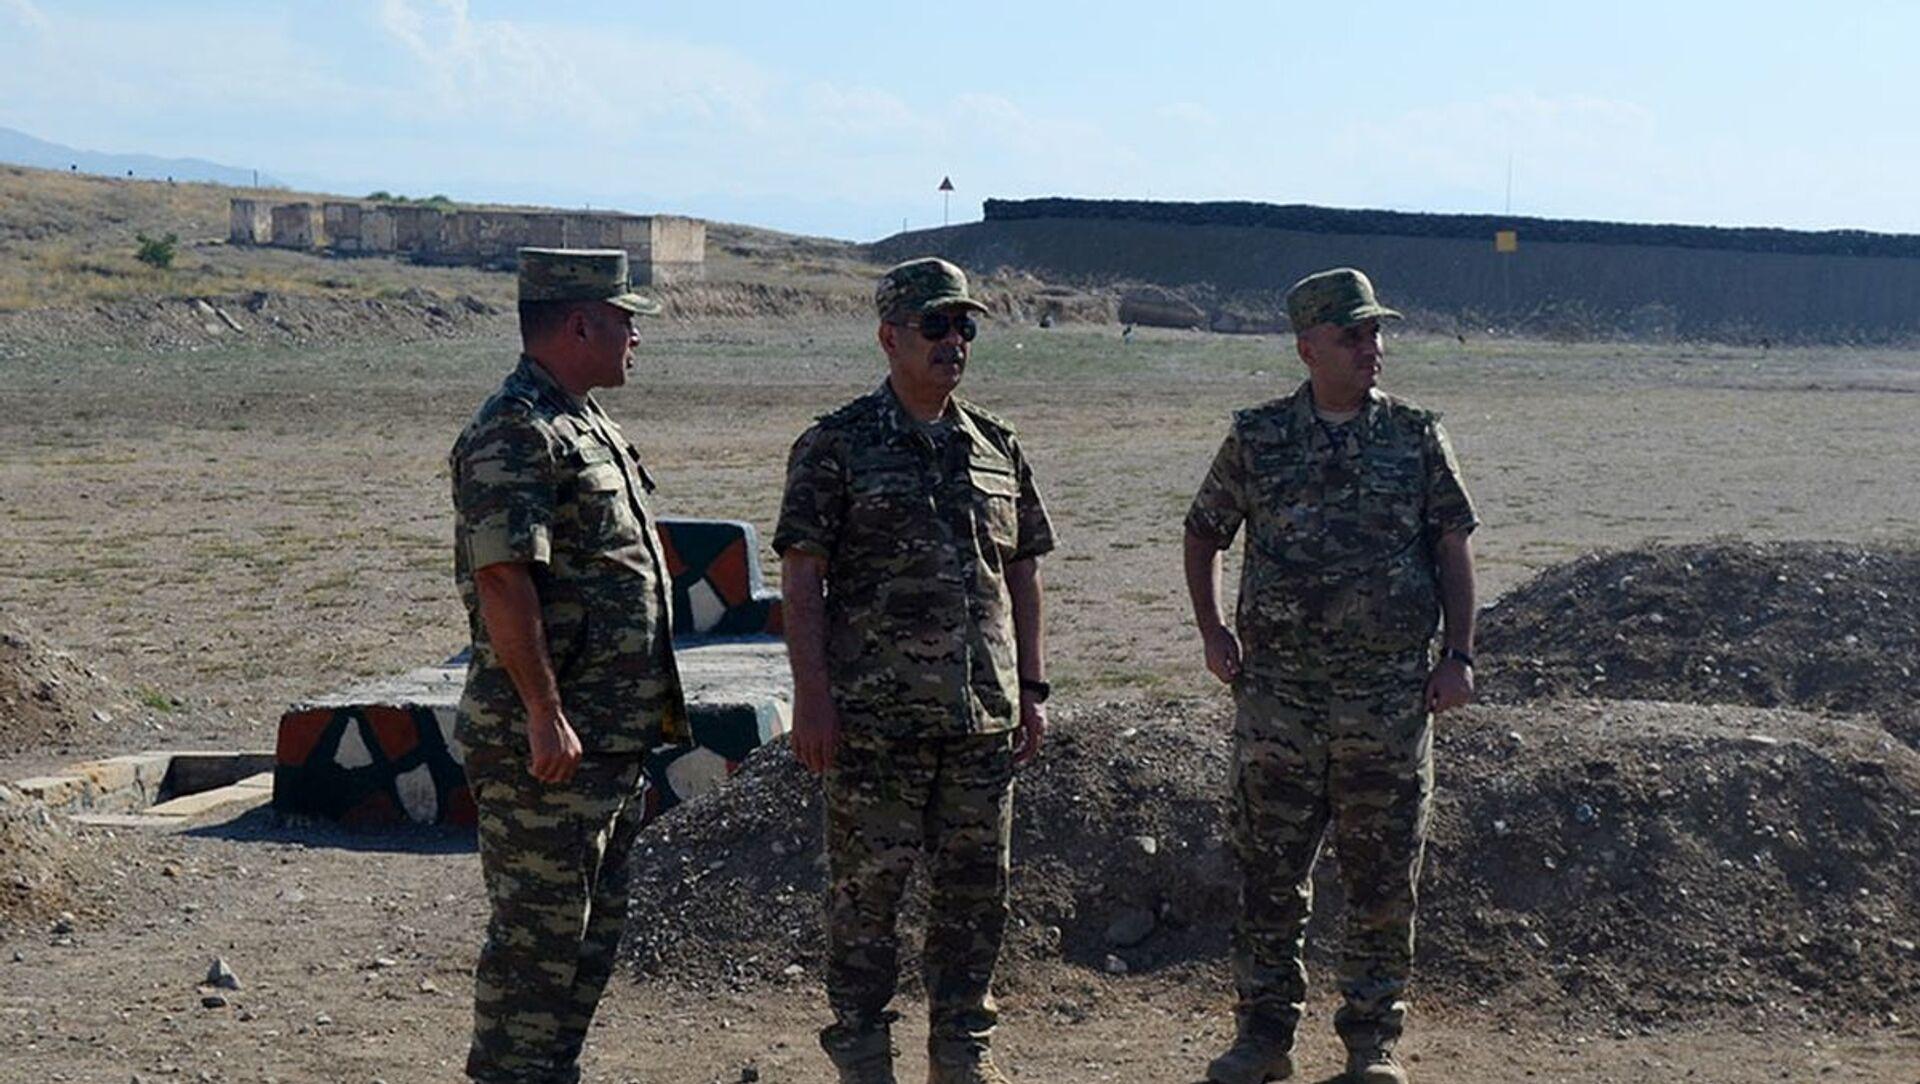 Quru Qoşunları Komandanlığının bir neçə hərbi obyekti istifadəyə verilib - Sputnik Азербайджан, 1920, 05.08.2021